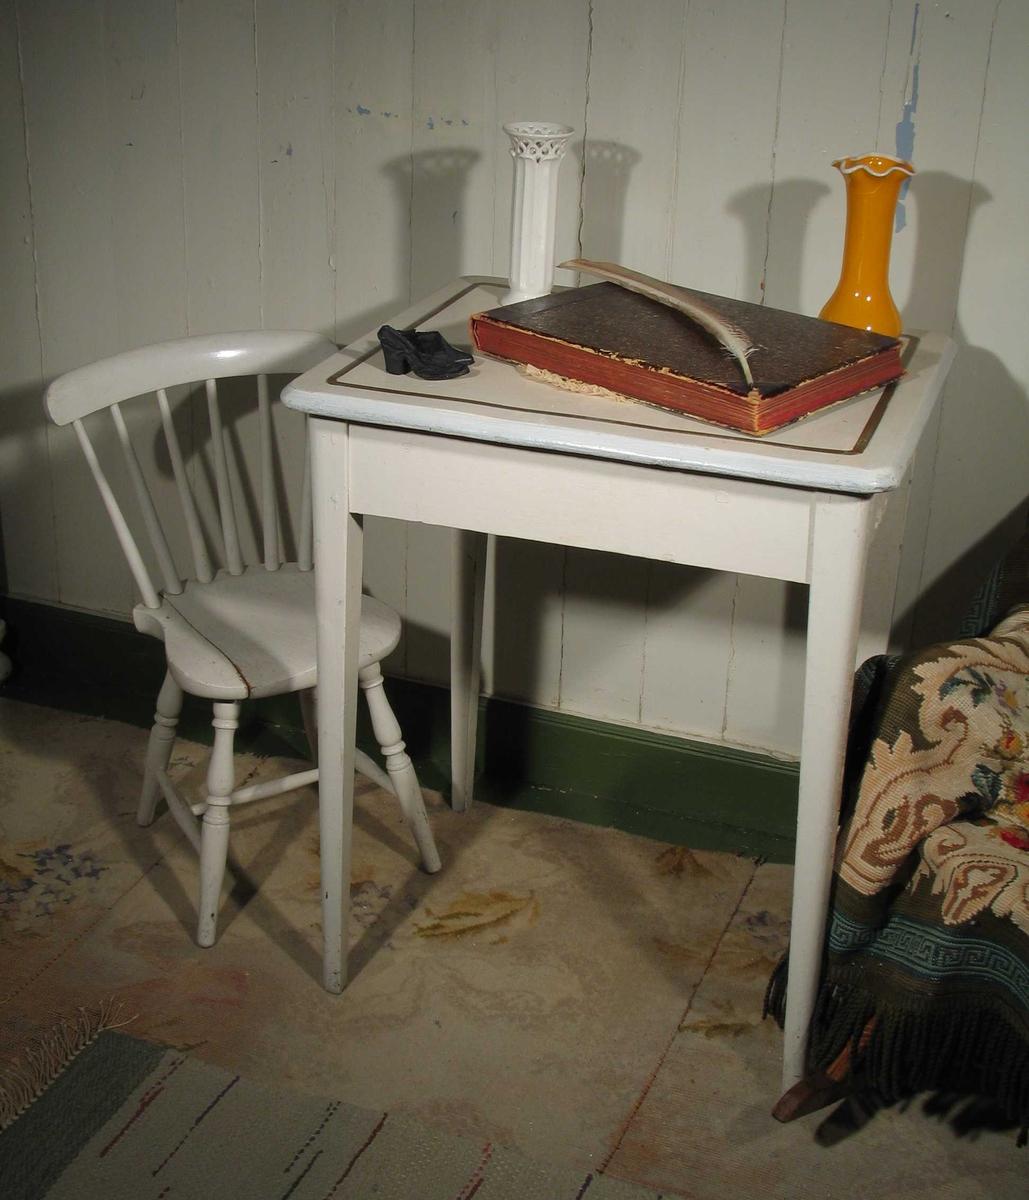 Hvitmalt bord i tre med en centimeter bred gullstriper langs bordkanten.